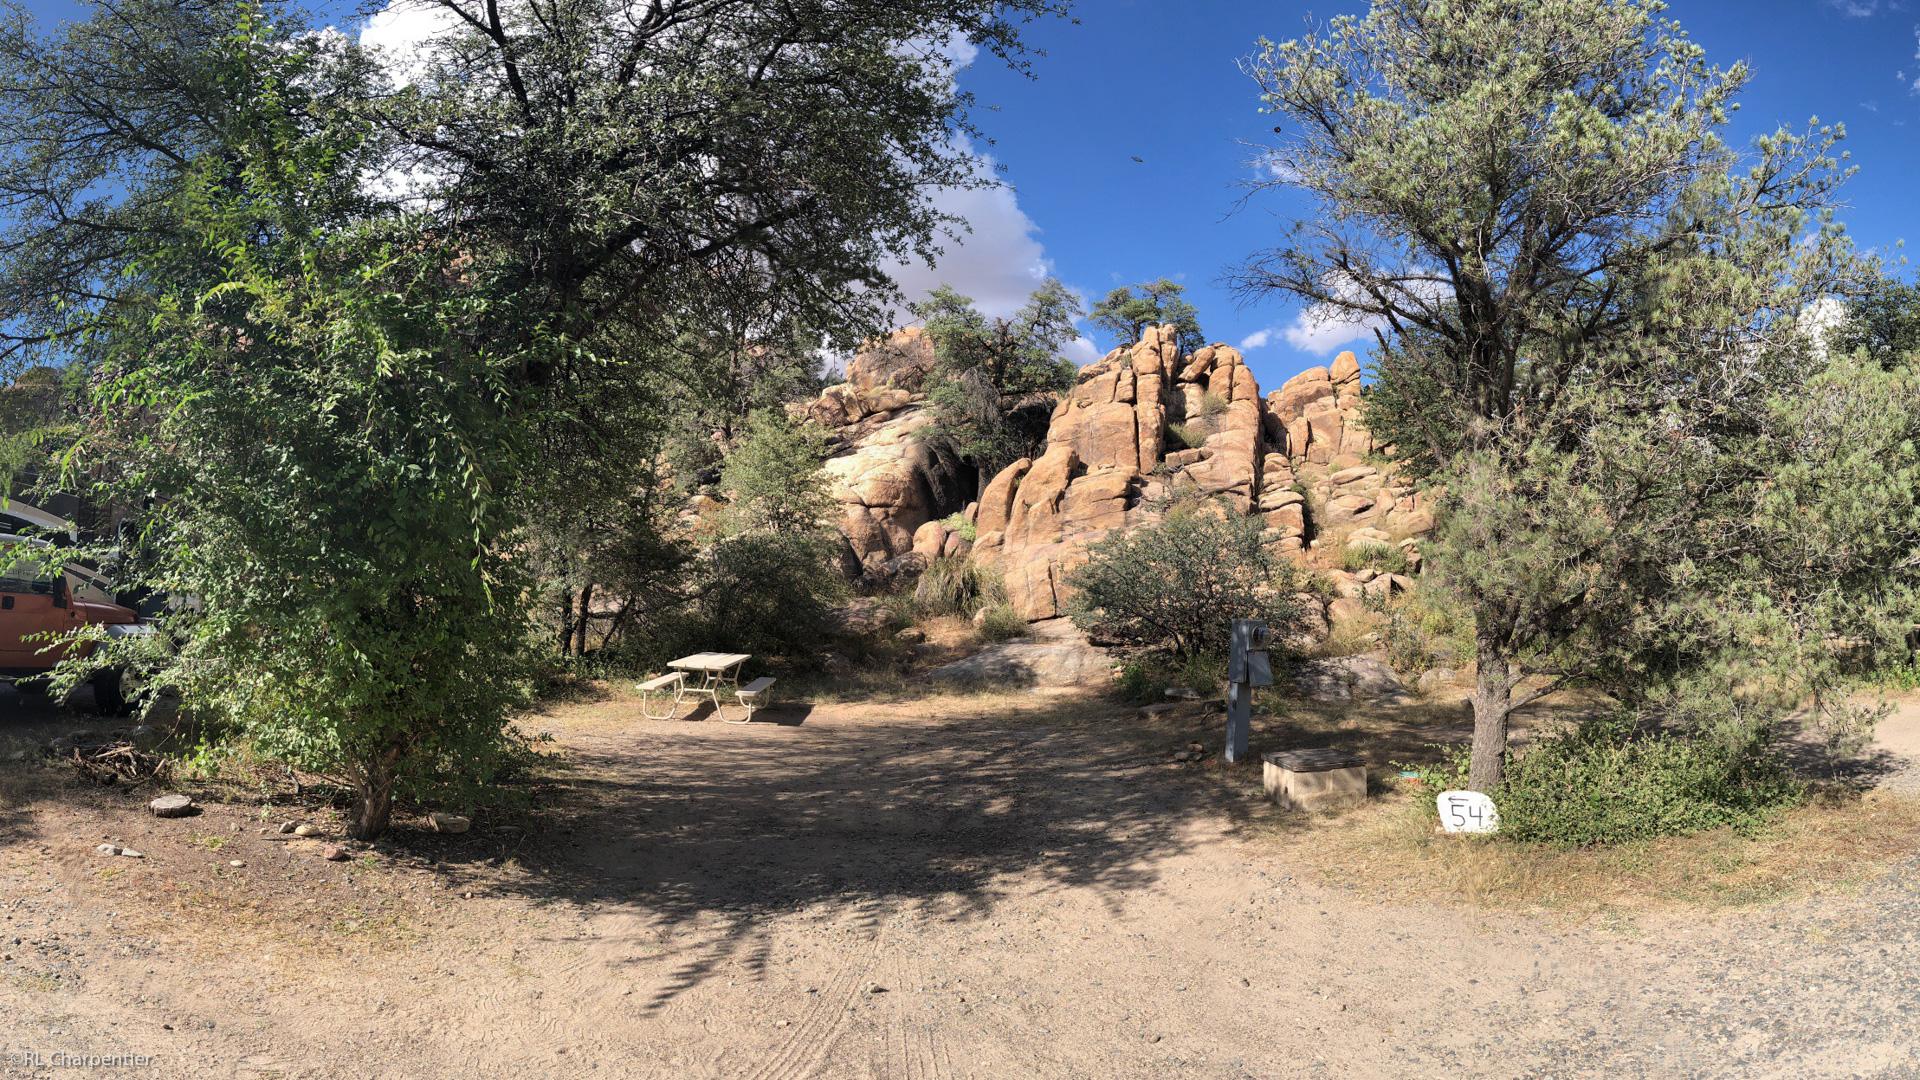 Campsite in the Granite Dells Prescott